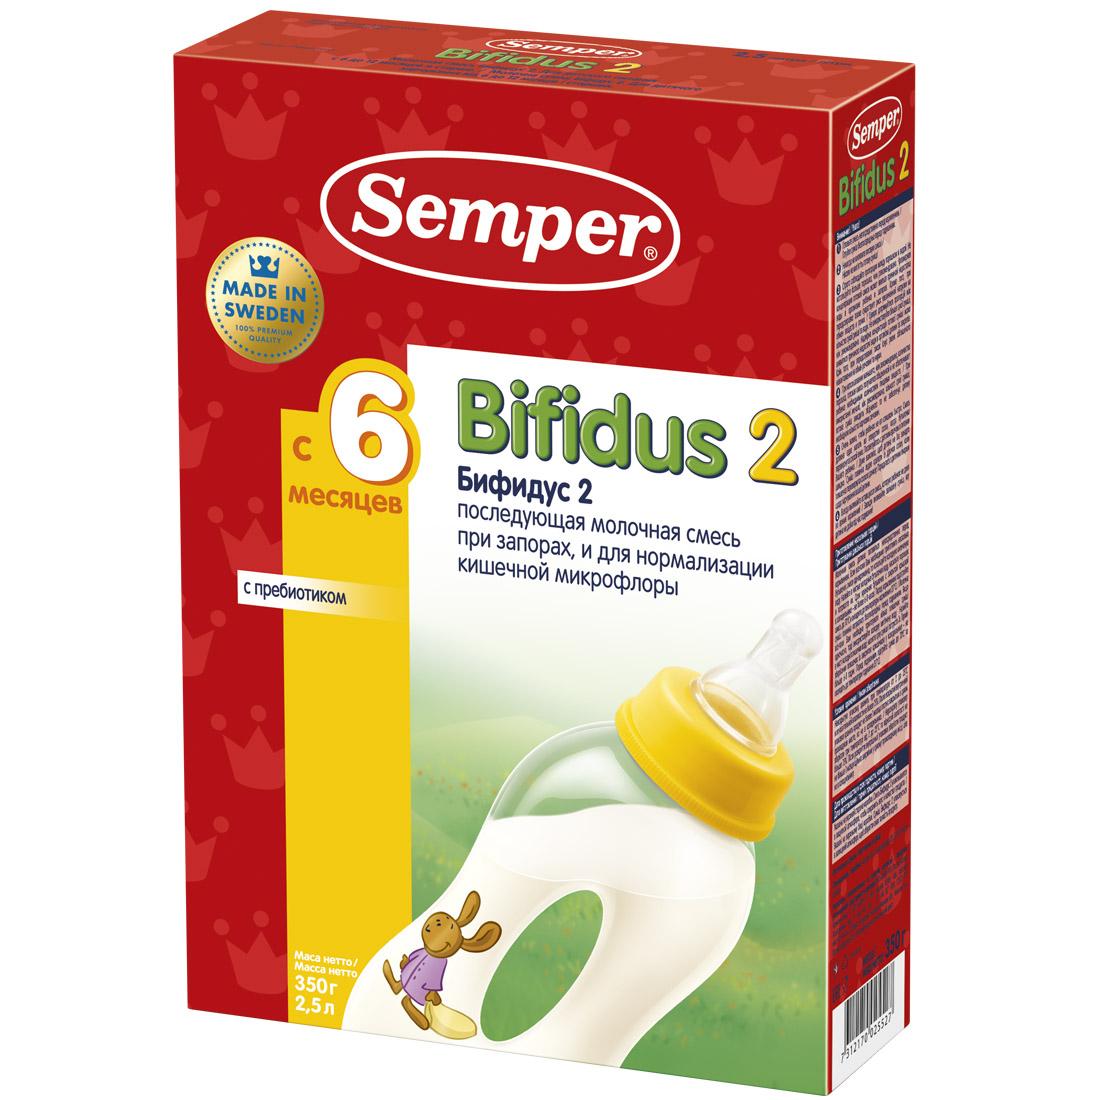 Заменитель Semper Бифидус 350 гр №2 (с 6 мес)